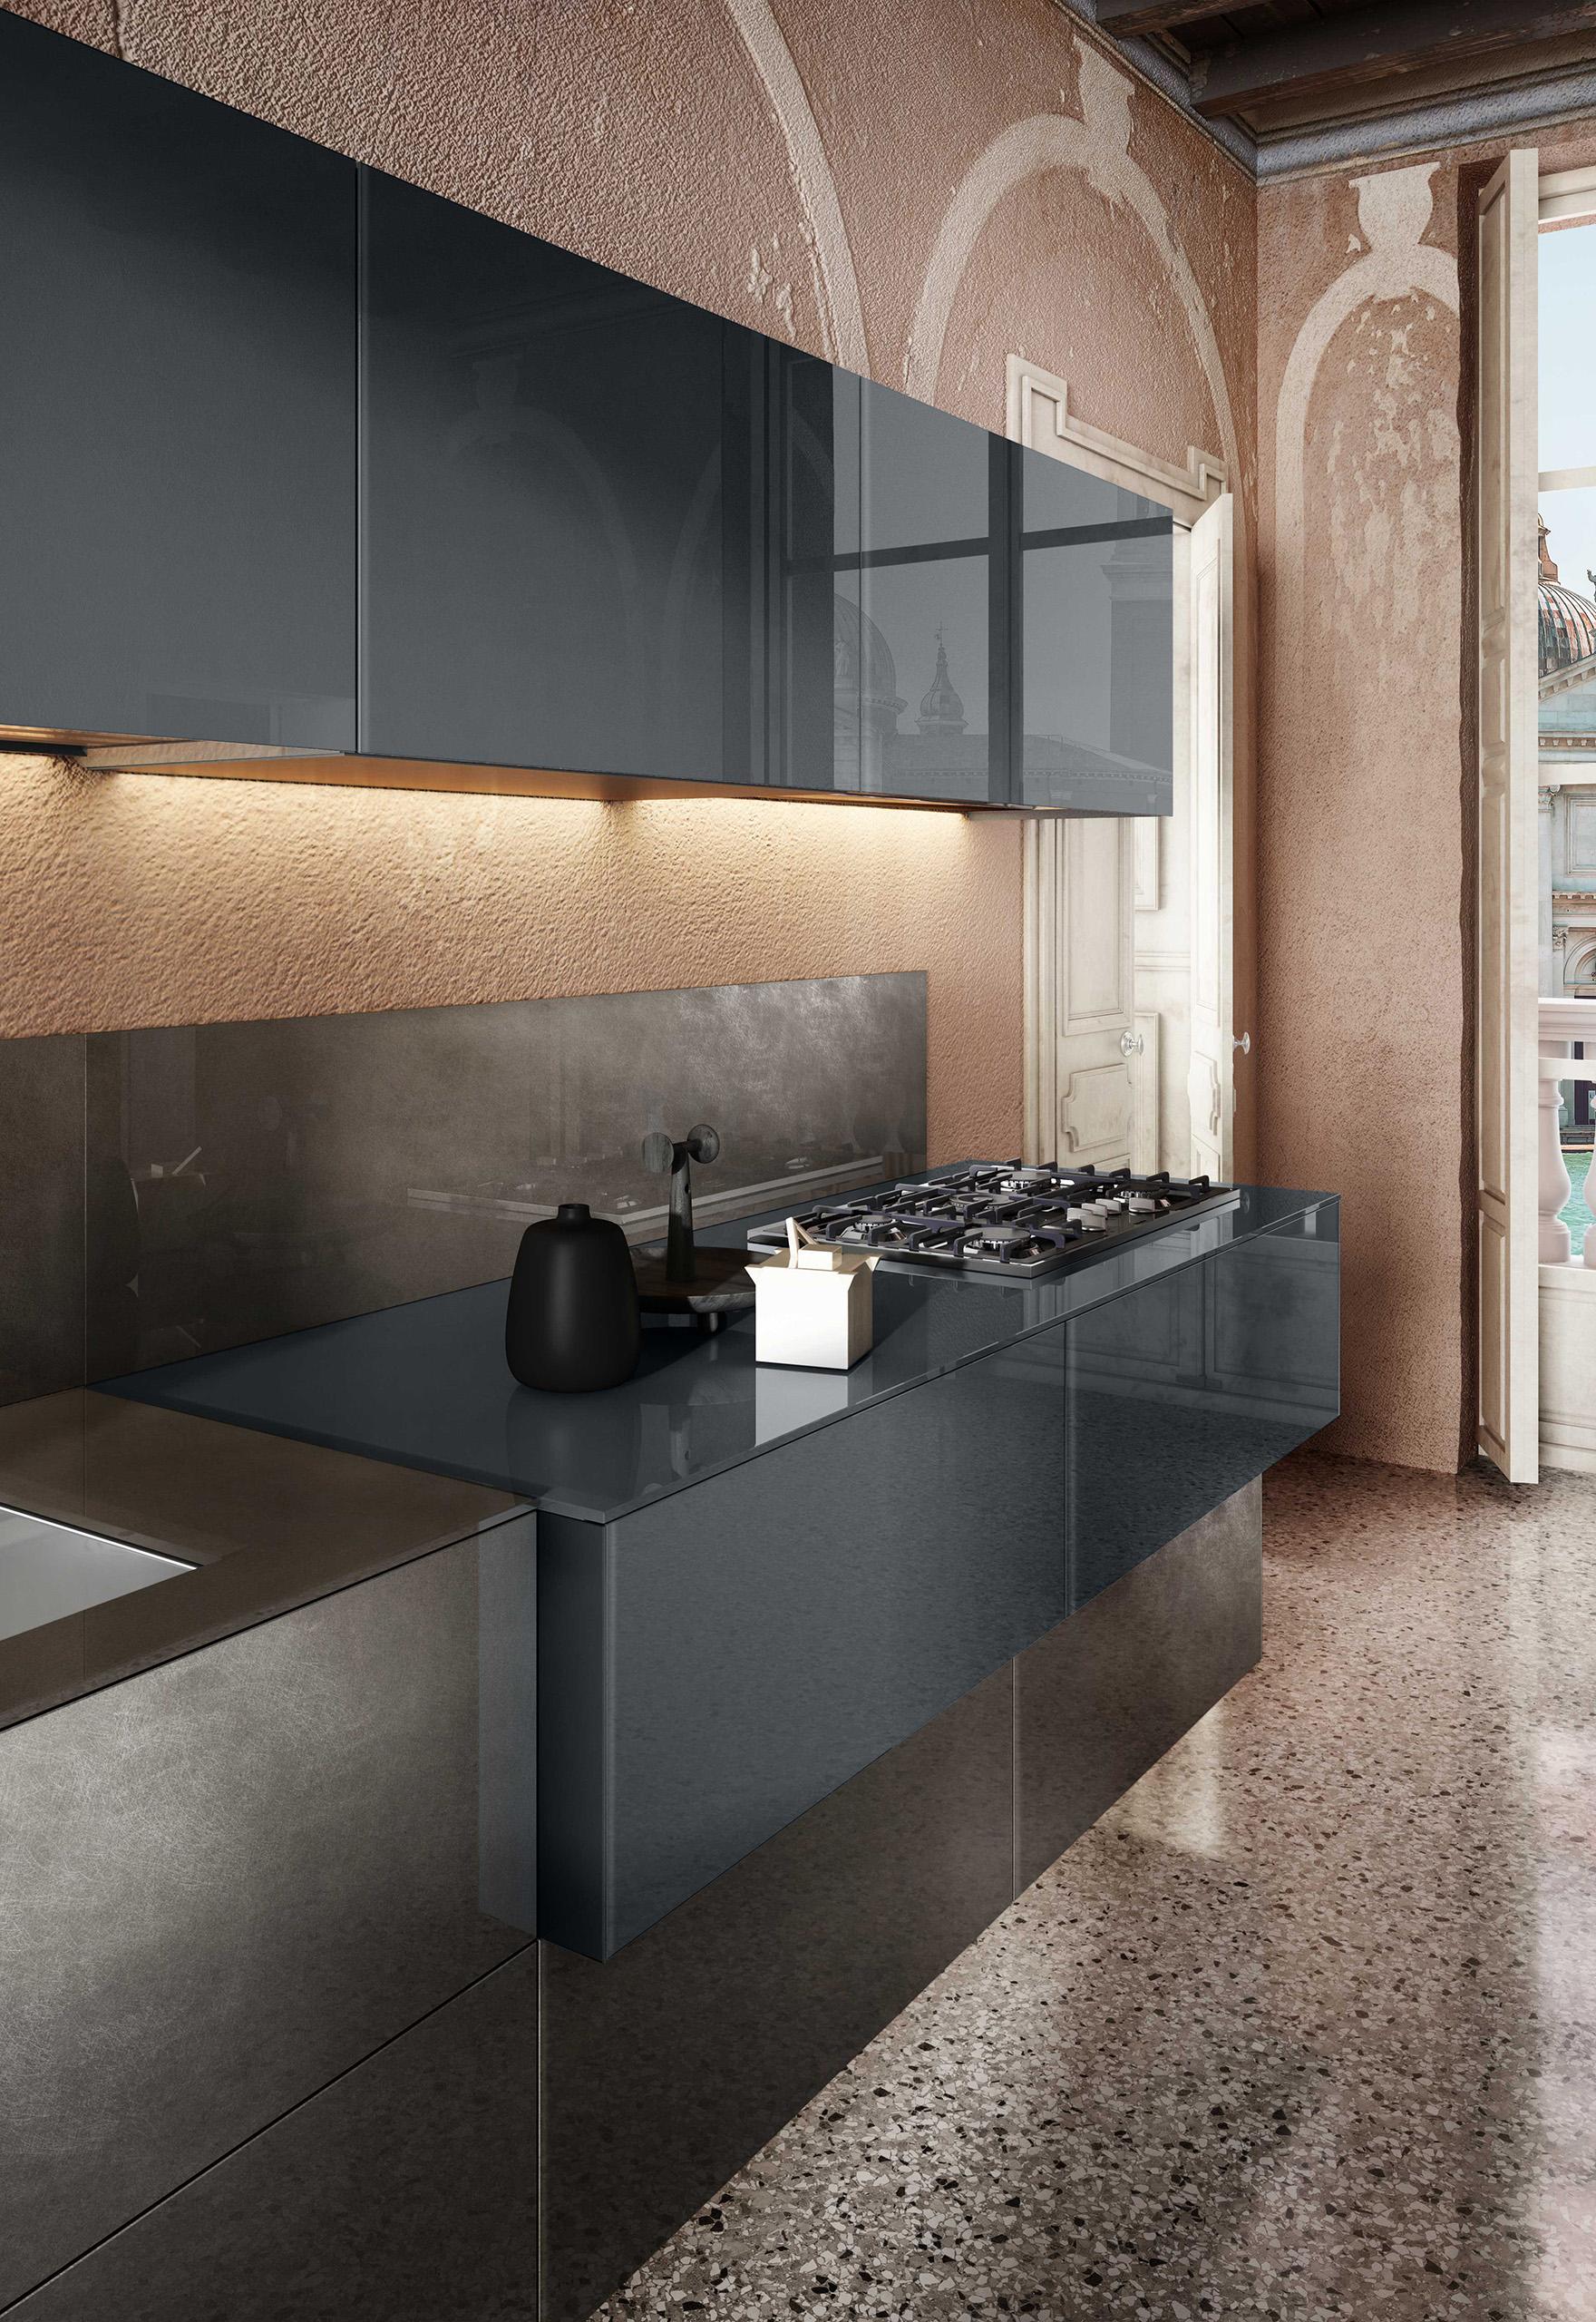 Kitchen-Venezia-Dettaglio-Profondità-Rev05